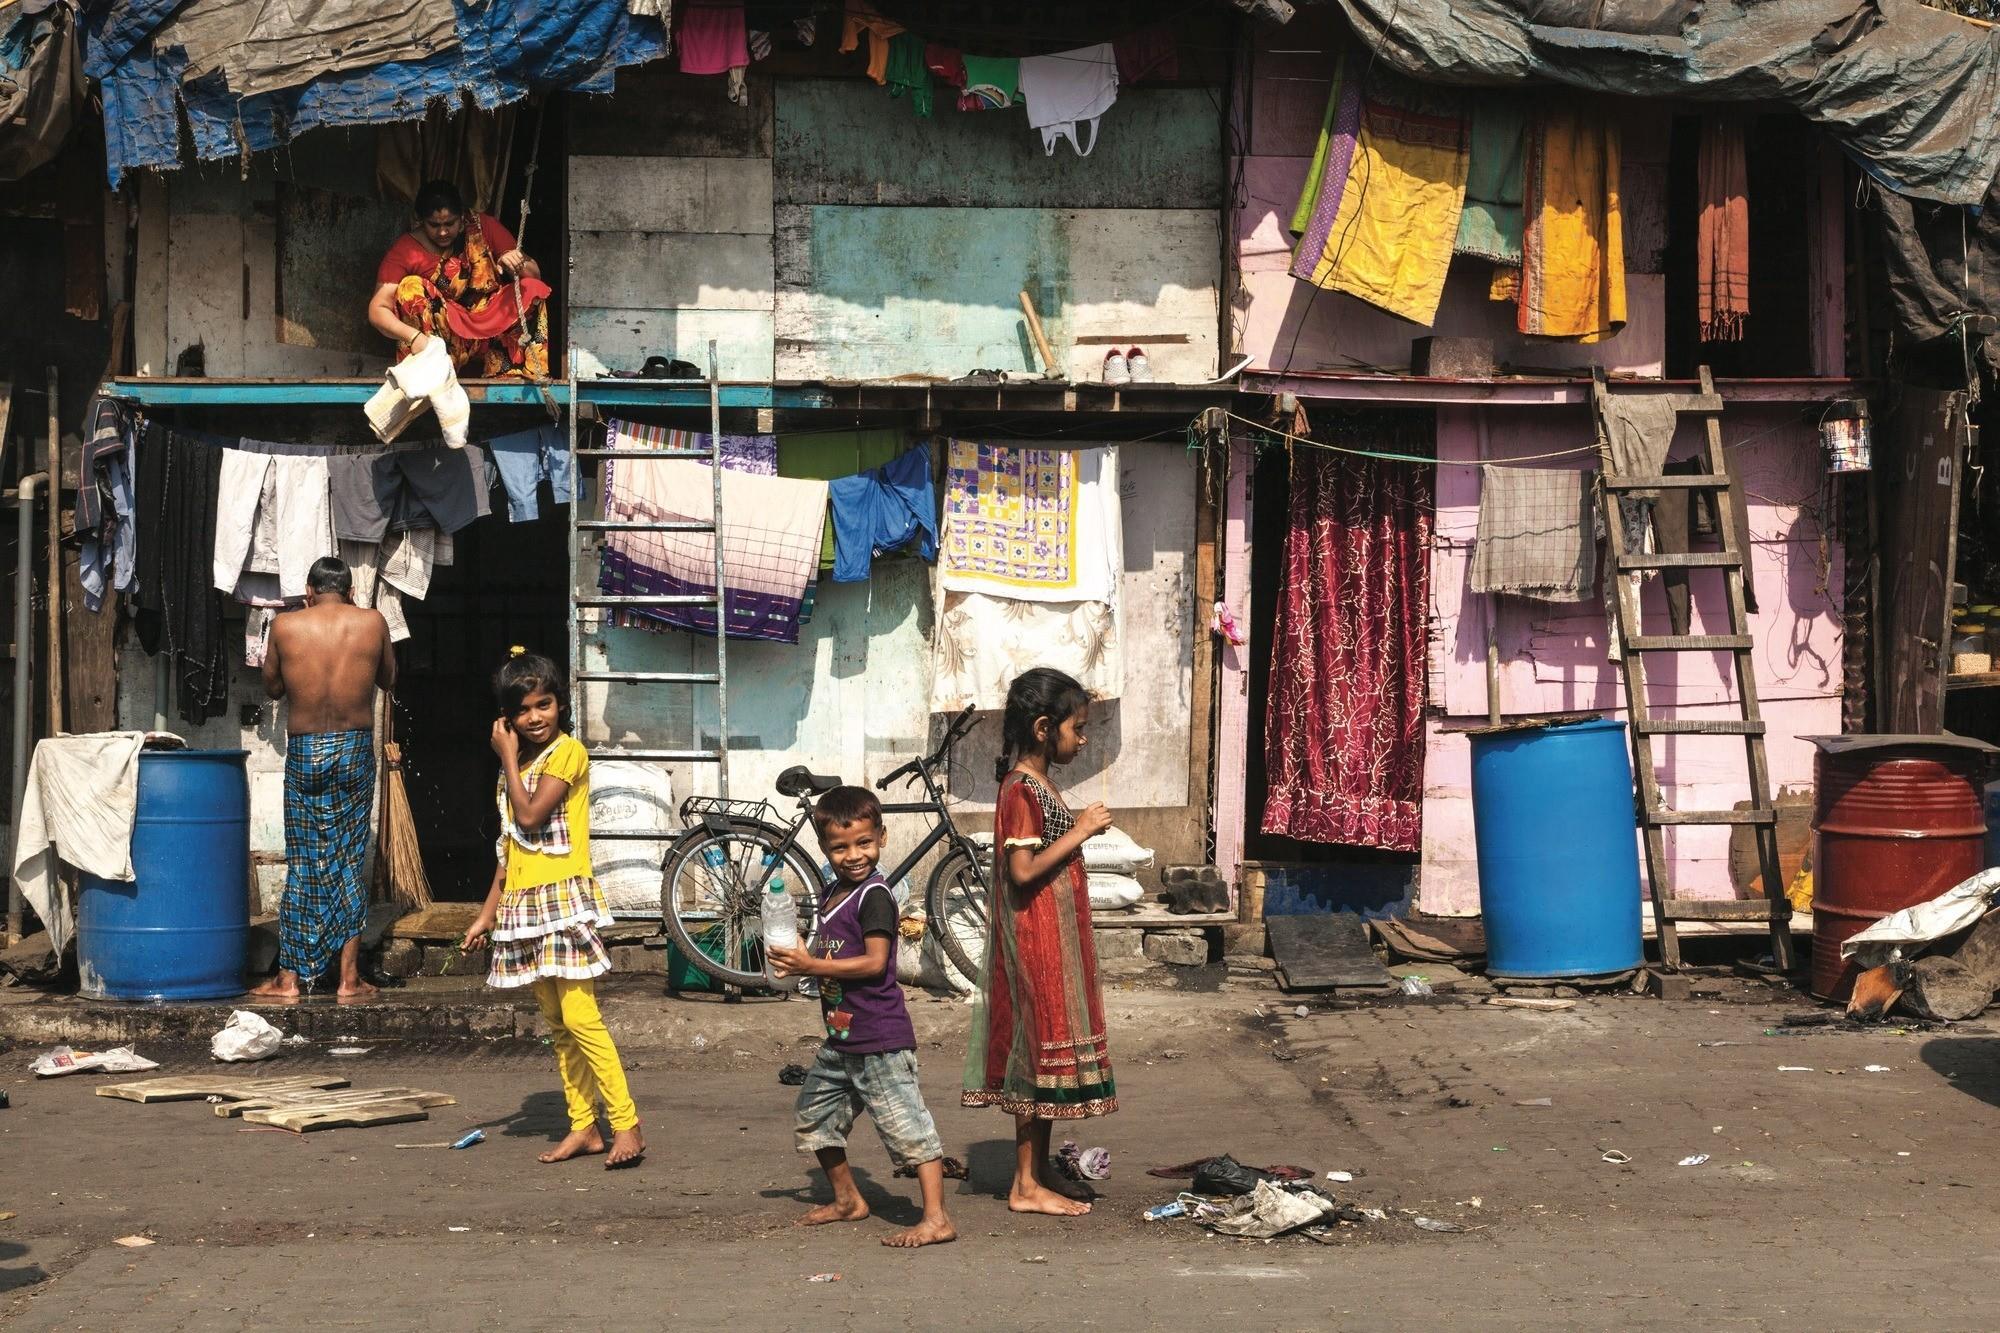 Gérer la forte croissance urbaine : le bidonville de Dharavi, à Mumbai